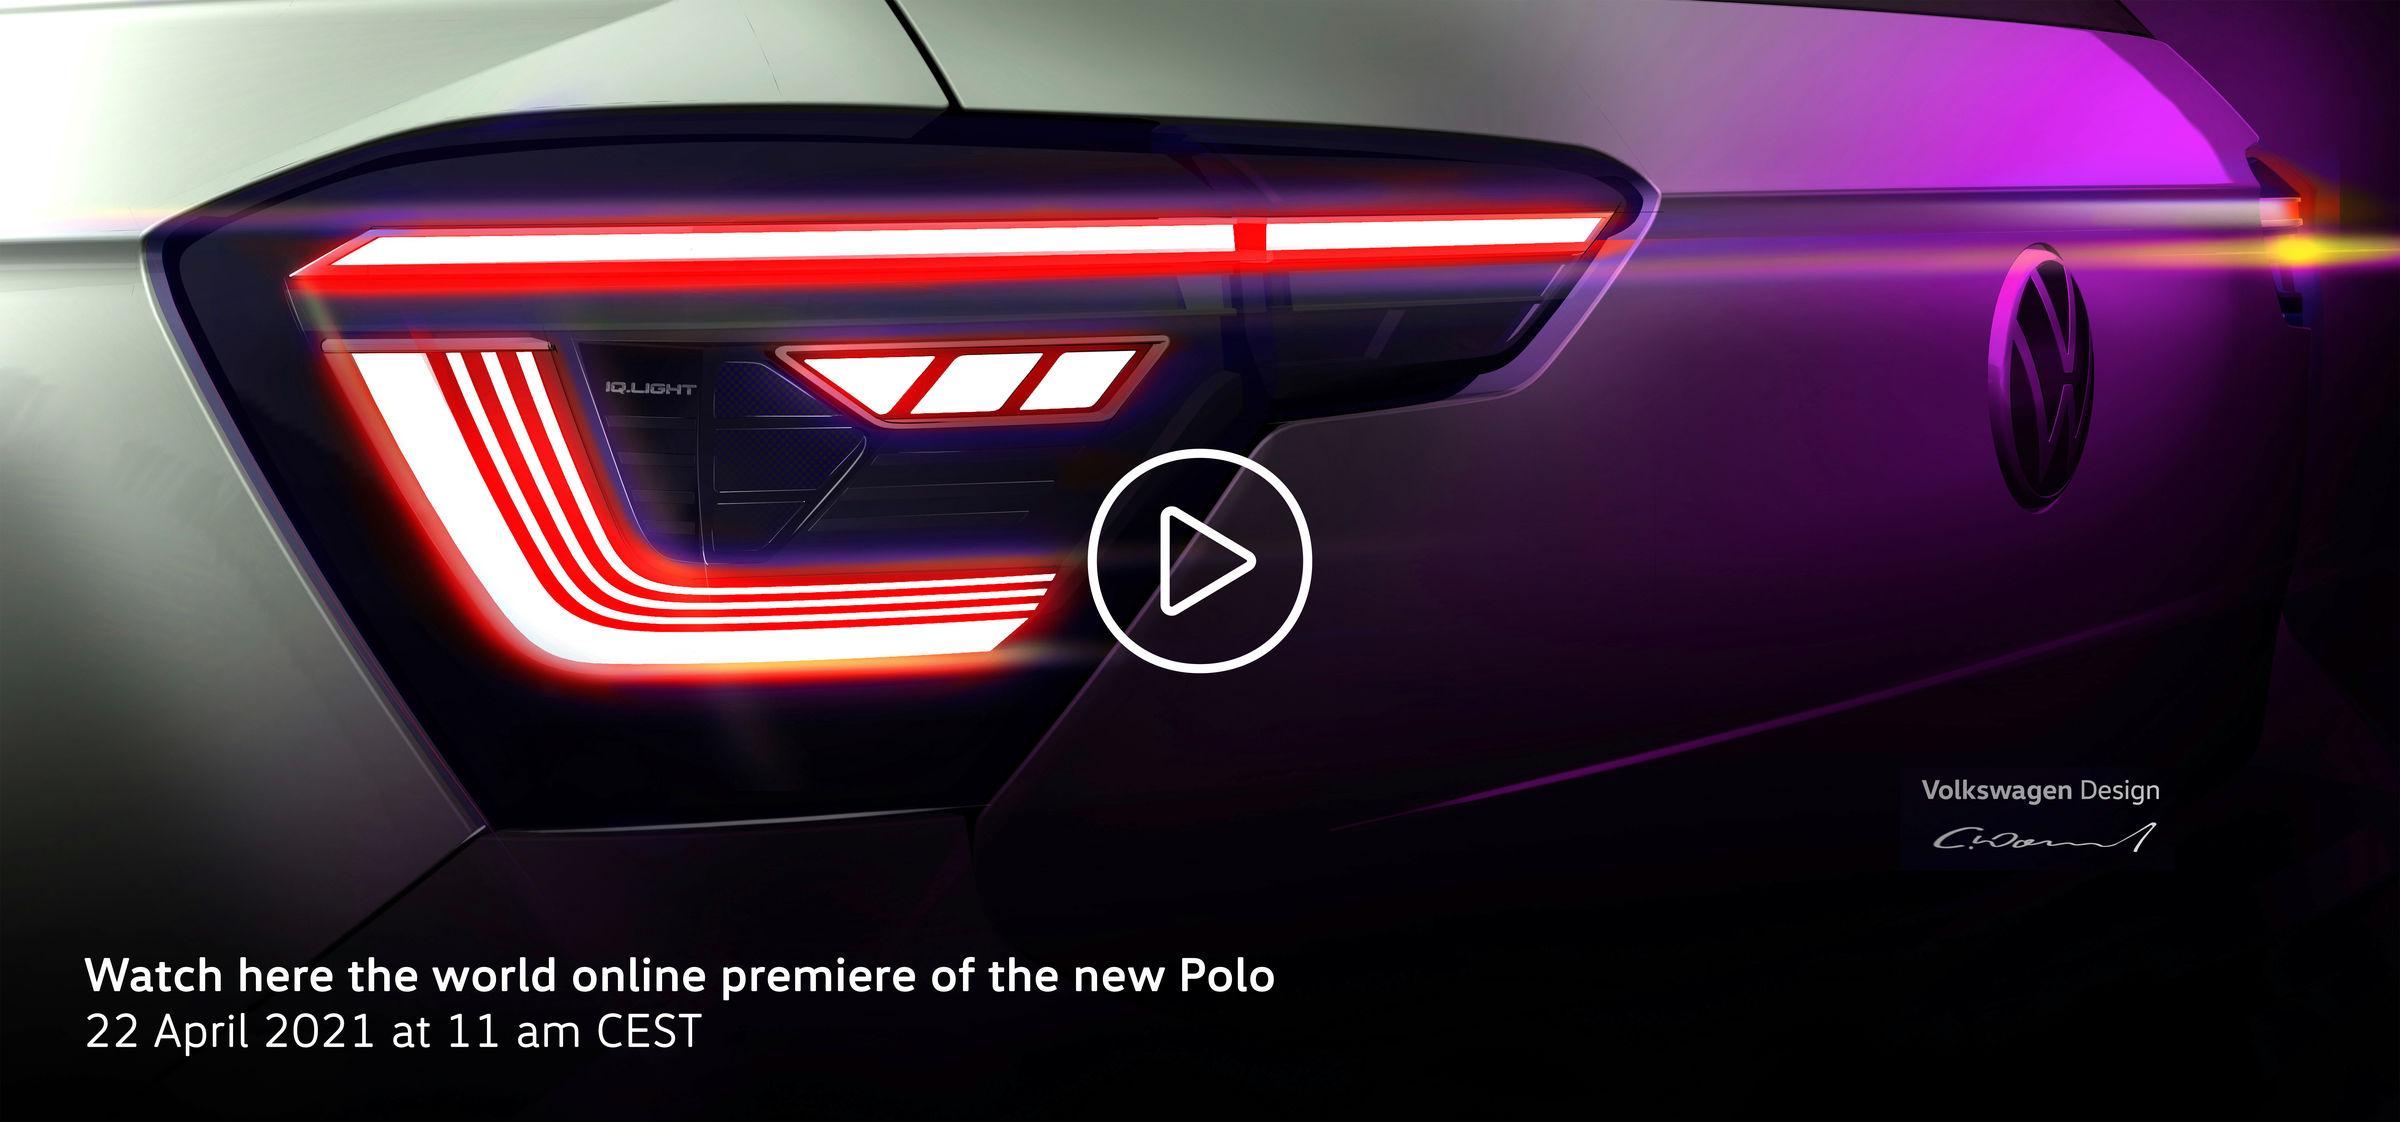 Anteprima Nuova Polo 2021